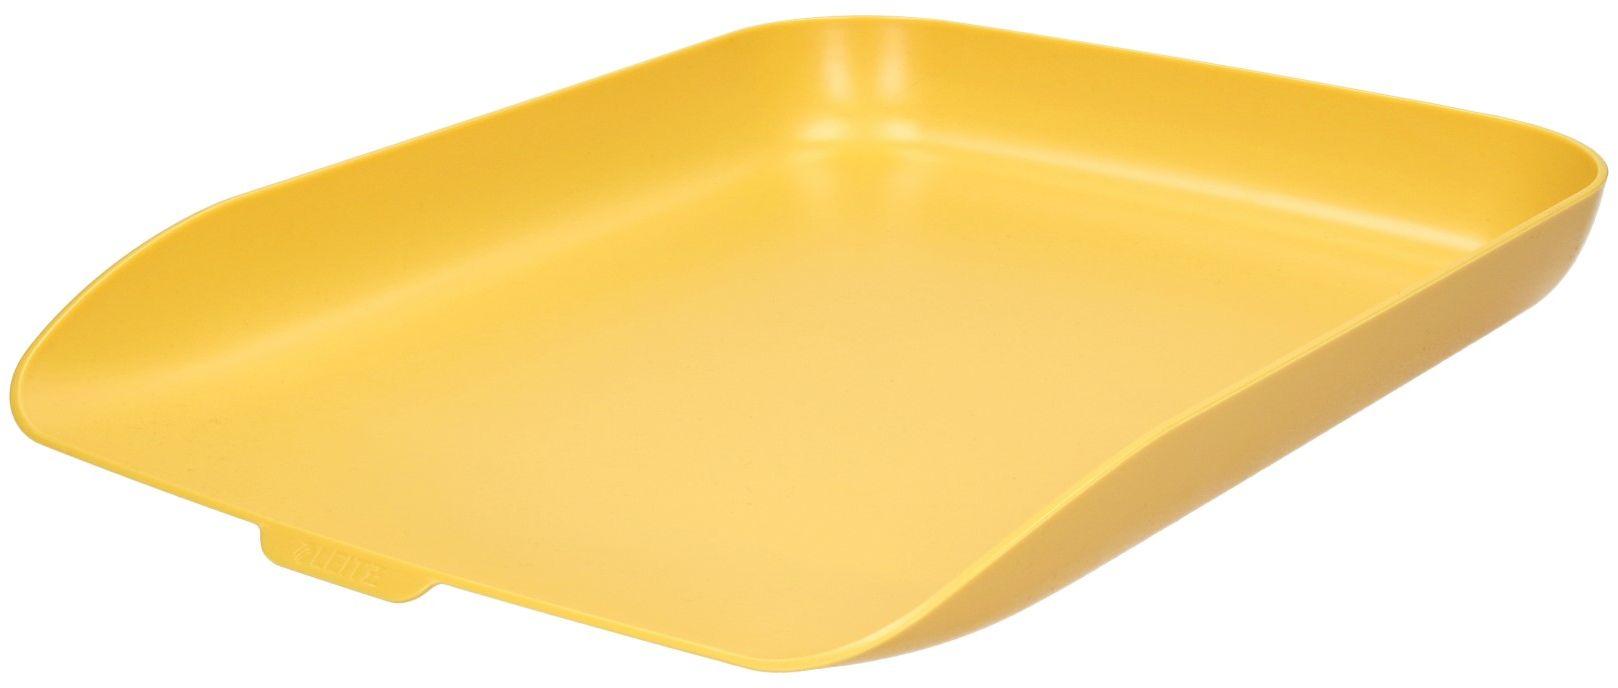 Półka dokumenty A4 żółta Leitz Cosy 53580019